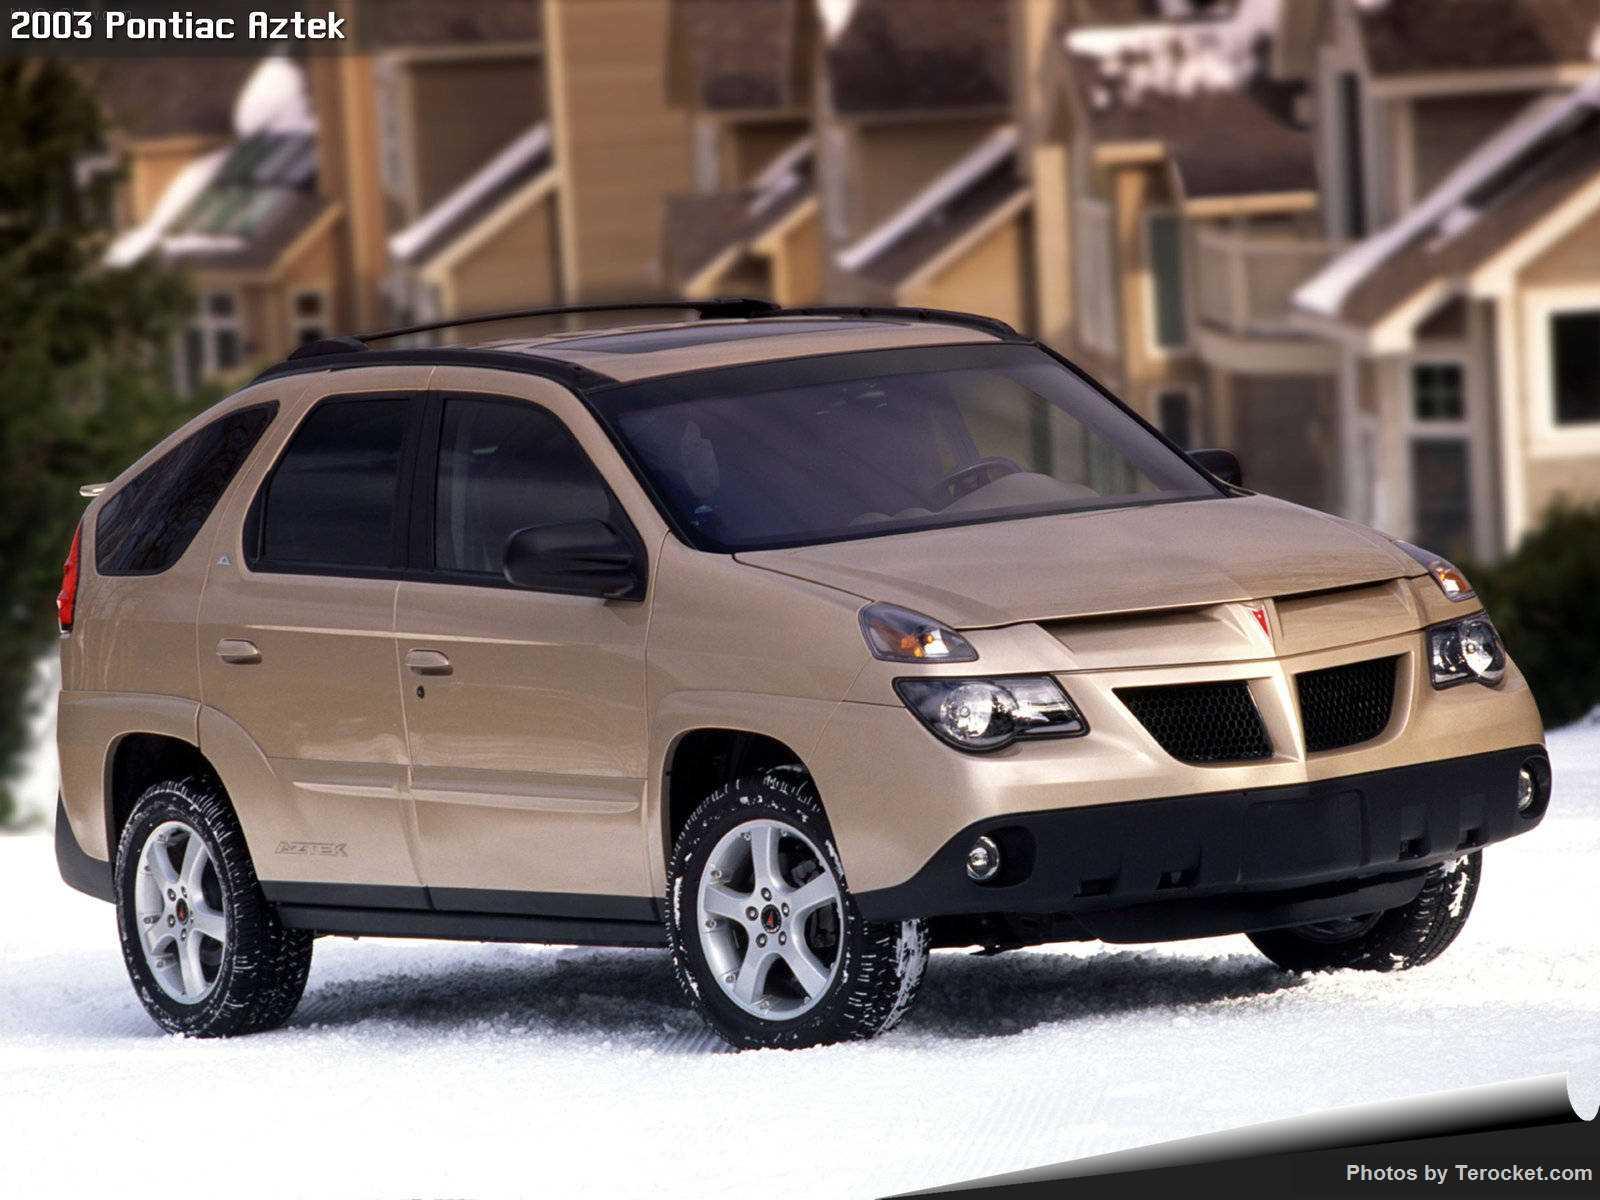 Hình ảnh xe ô tô Pontiac Aztek 2003 & nội ngoại thất